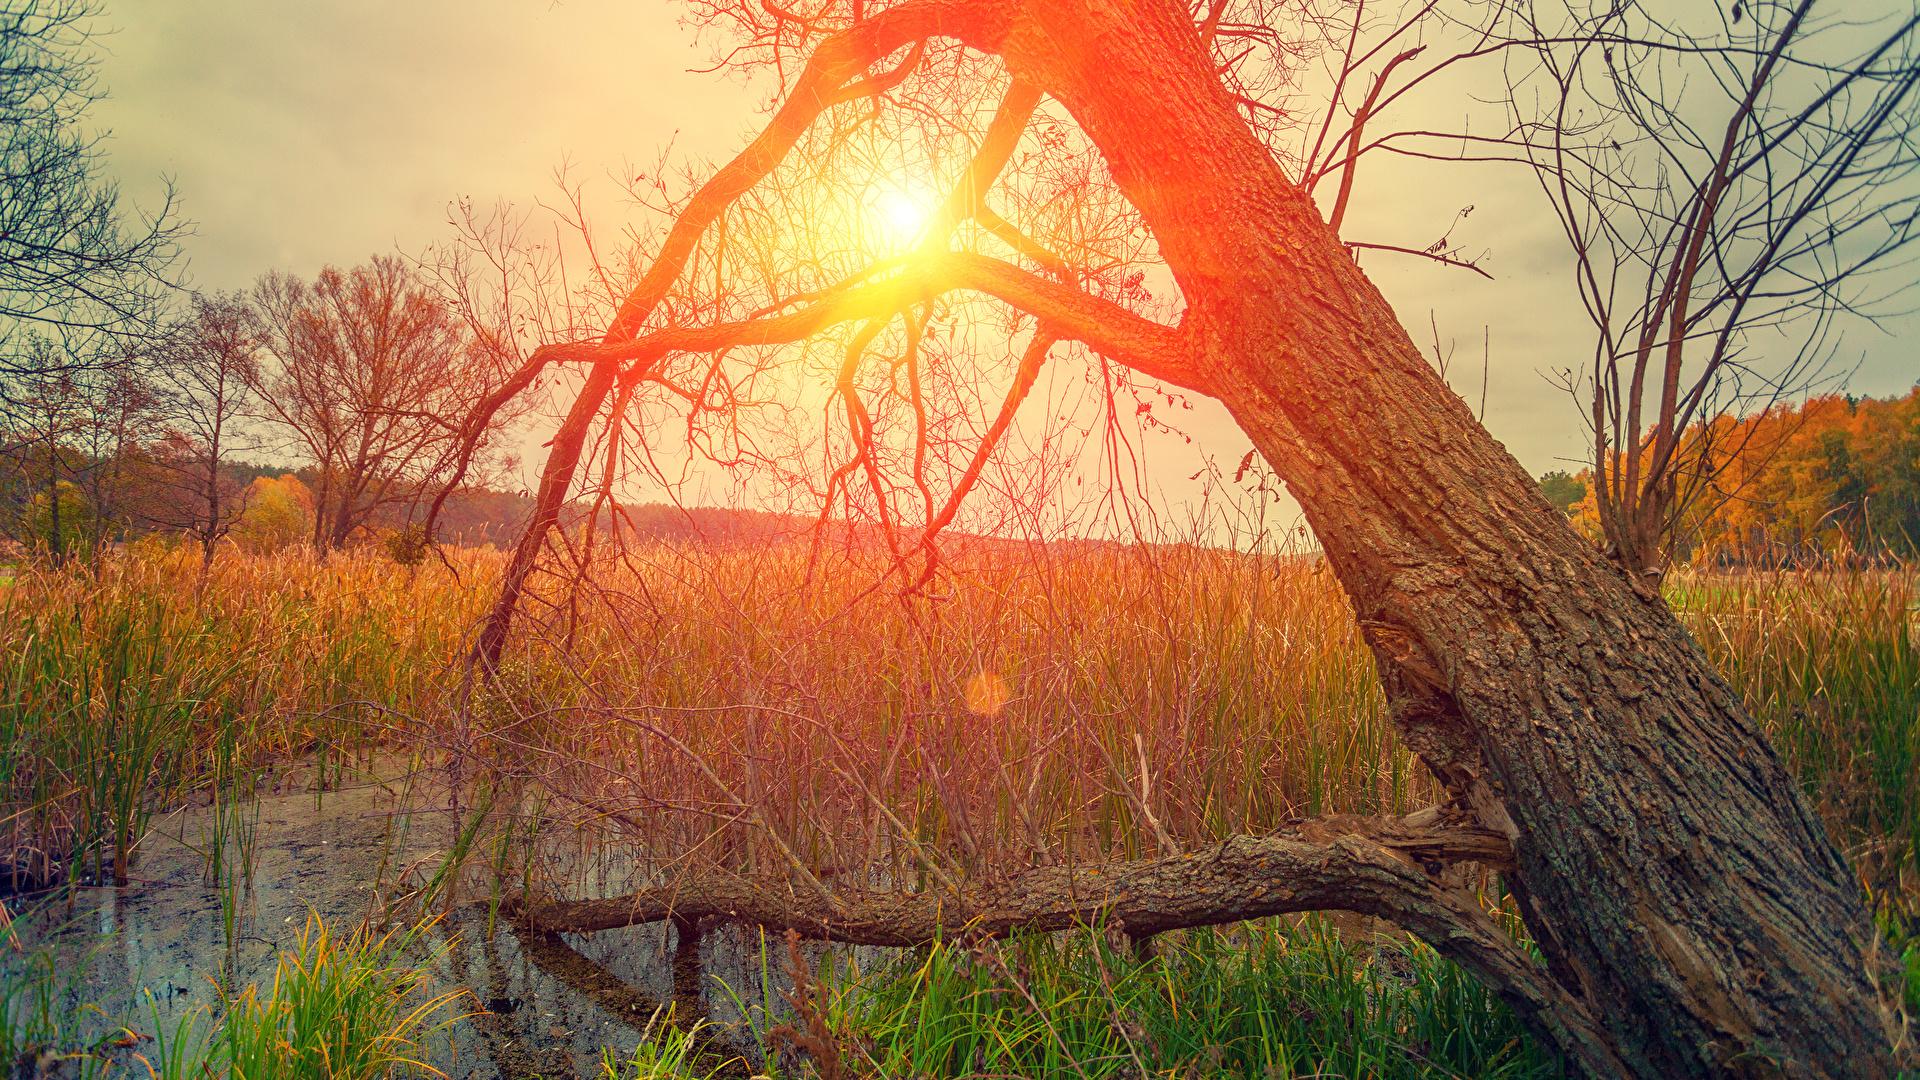 Hintergrundbilder Natur Sonne Sumpf Baumstamm Sonnenaufgänge und Sonnenuntergänge Gras 1920x1080